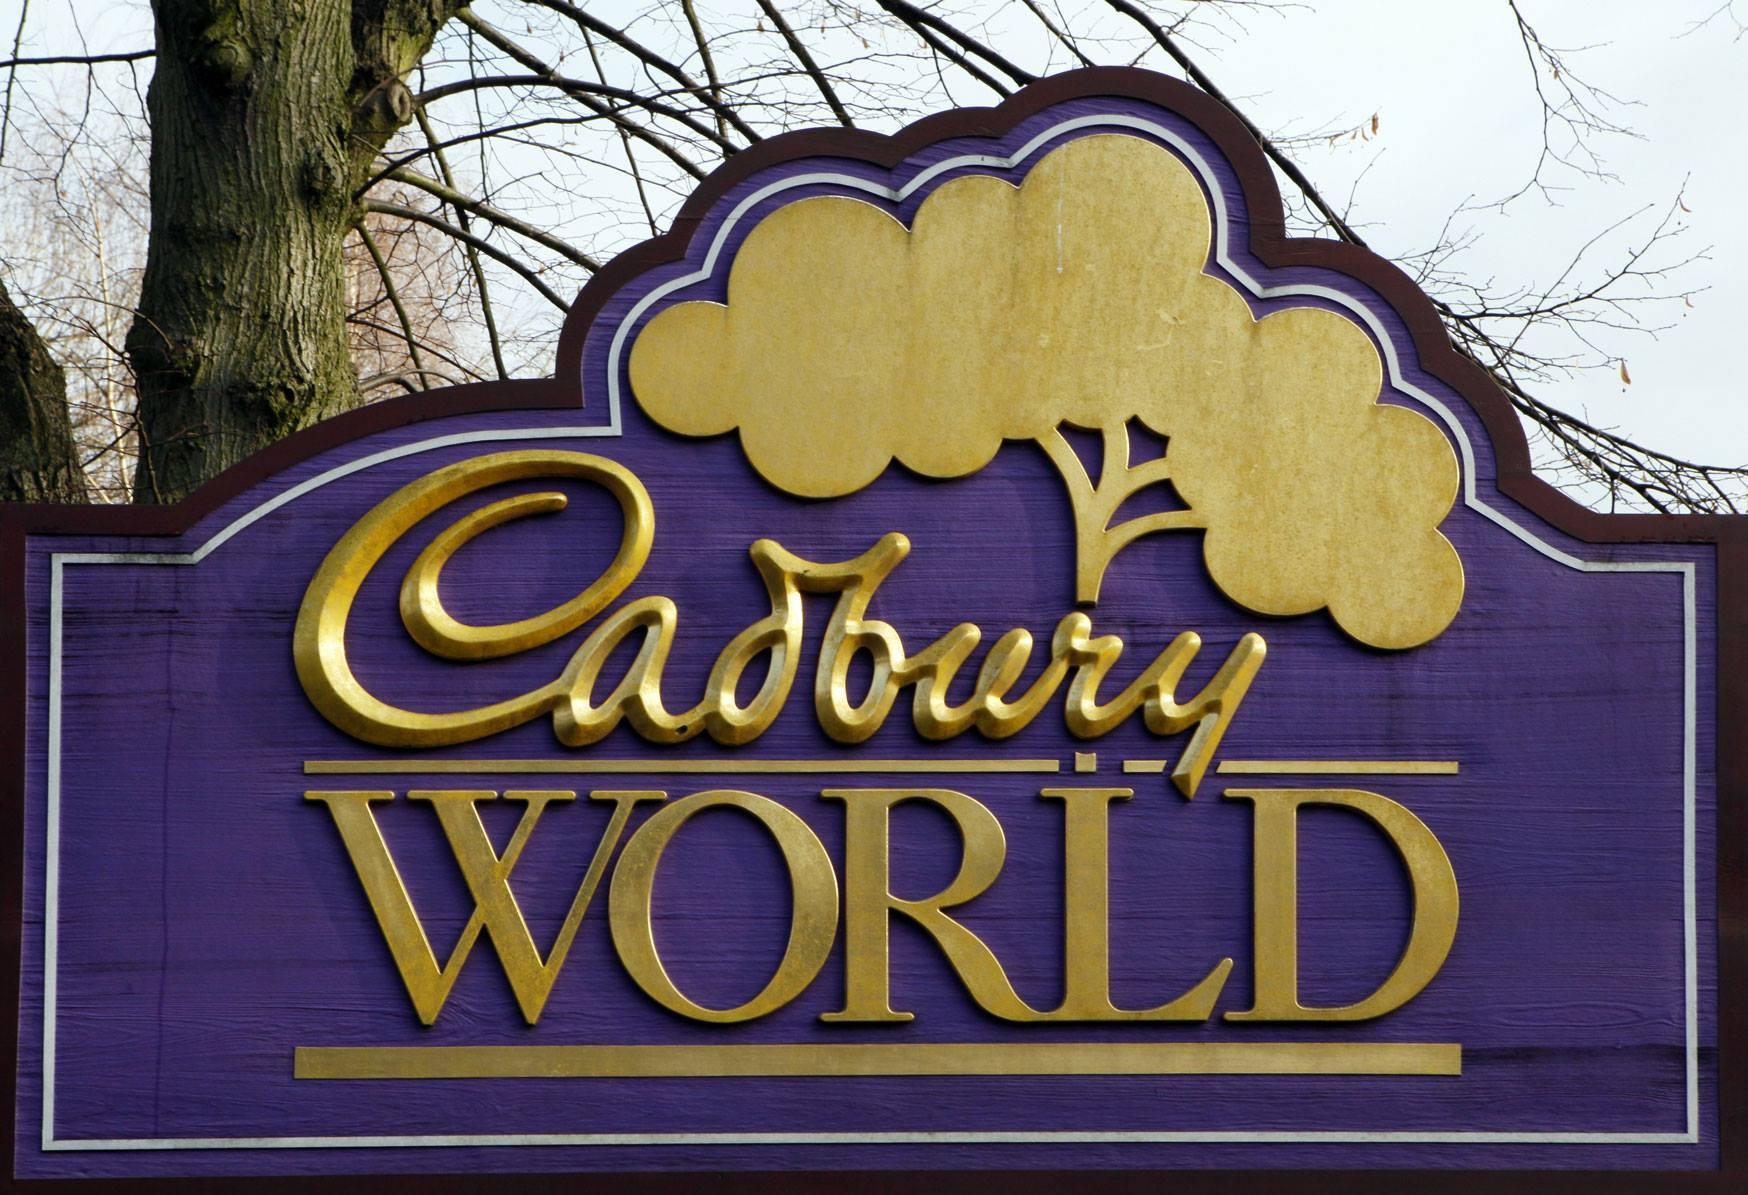 Family Day at Cadbury World